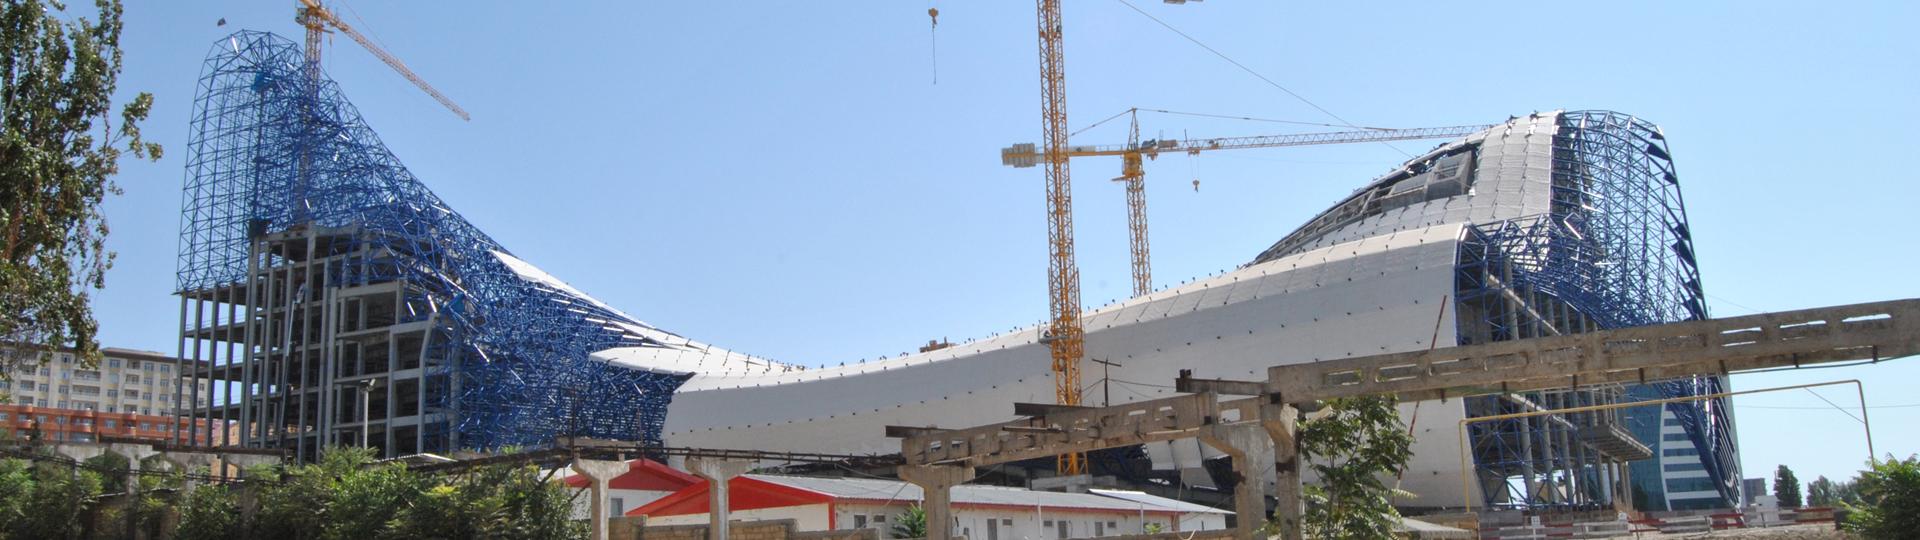 Heydar Aliyev Center - Baku - Azerbaijan